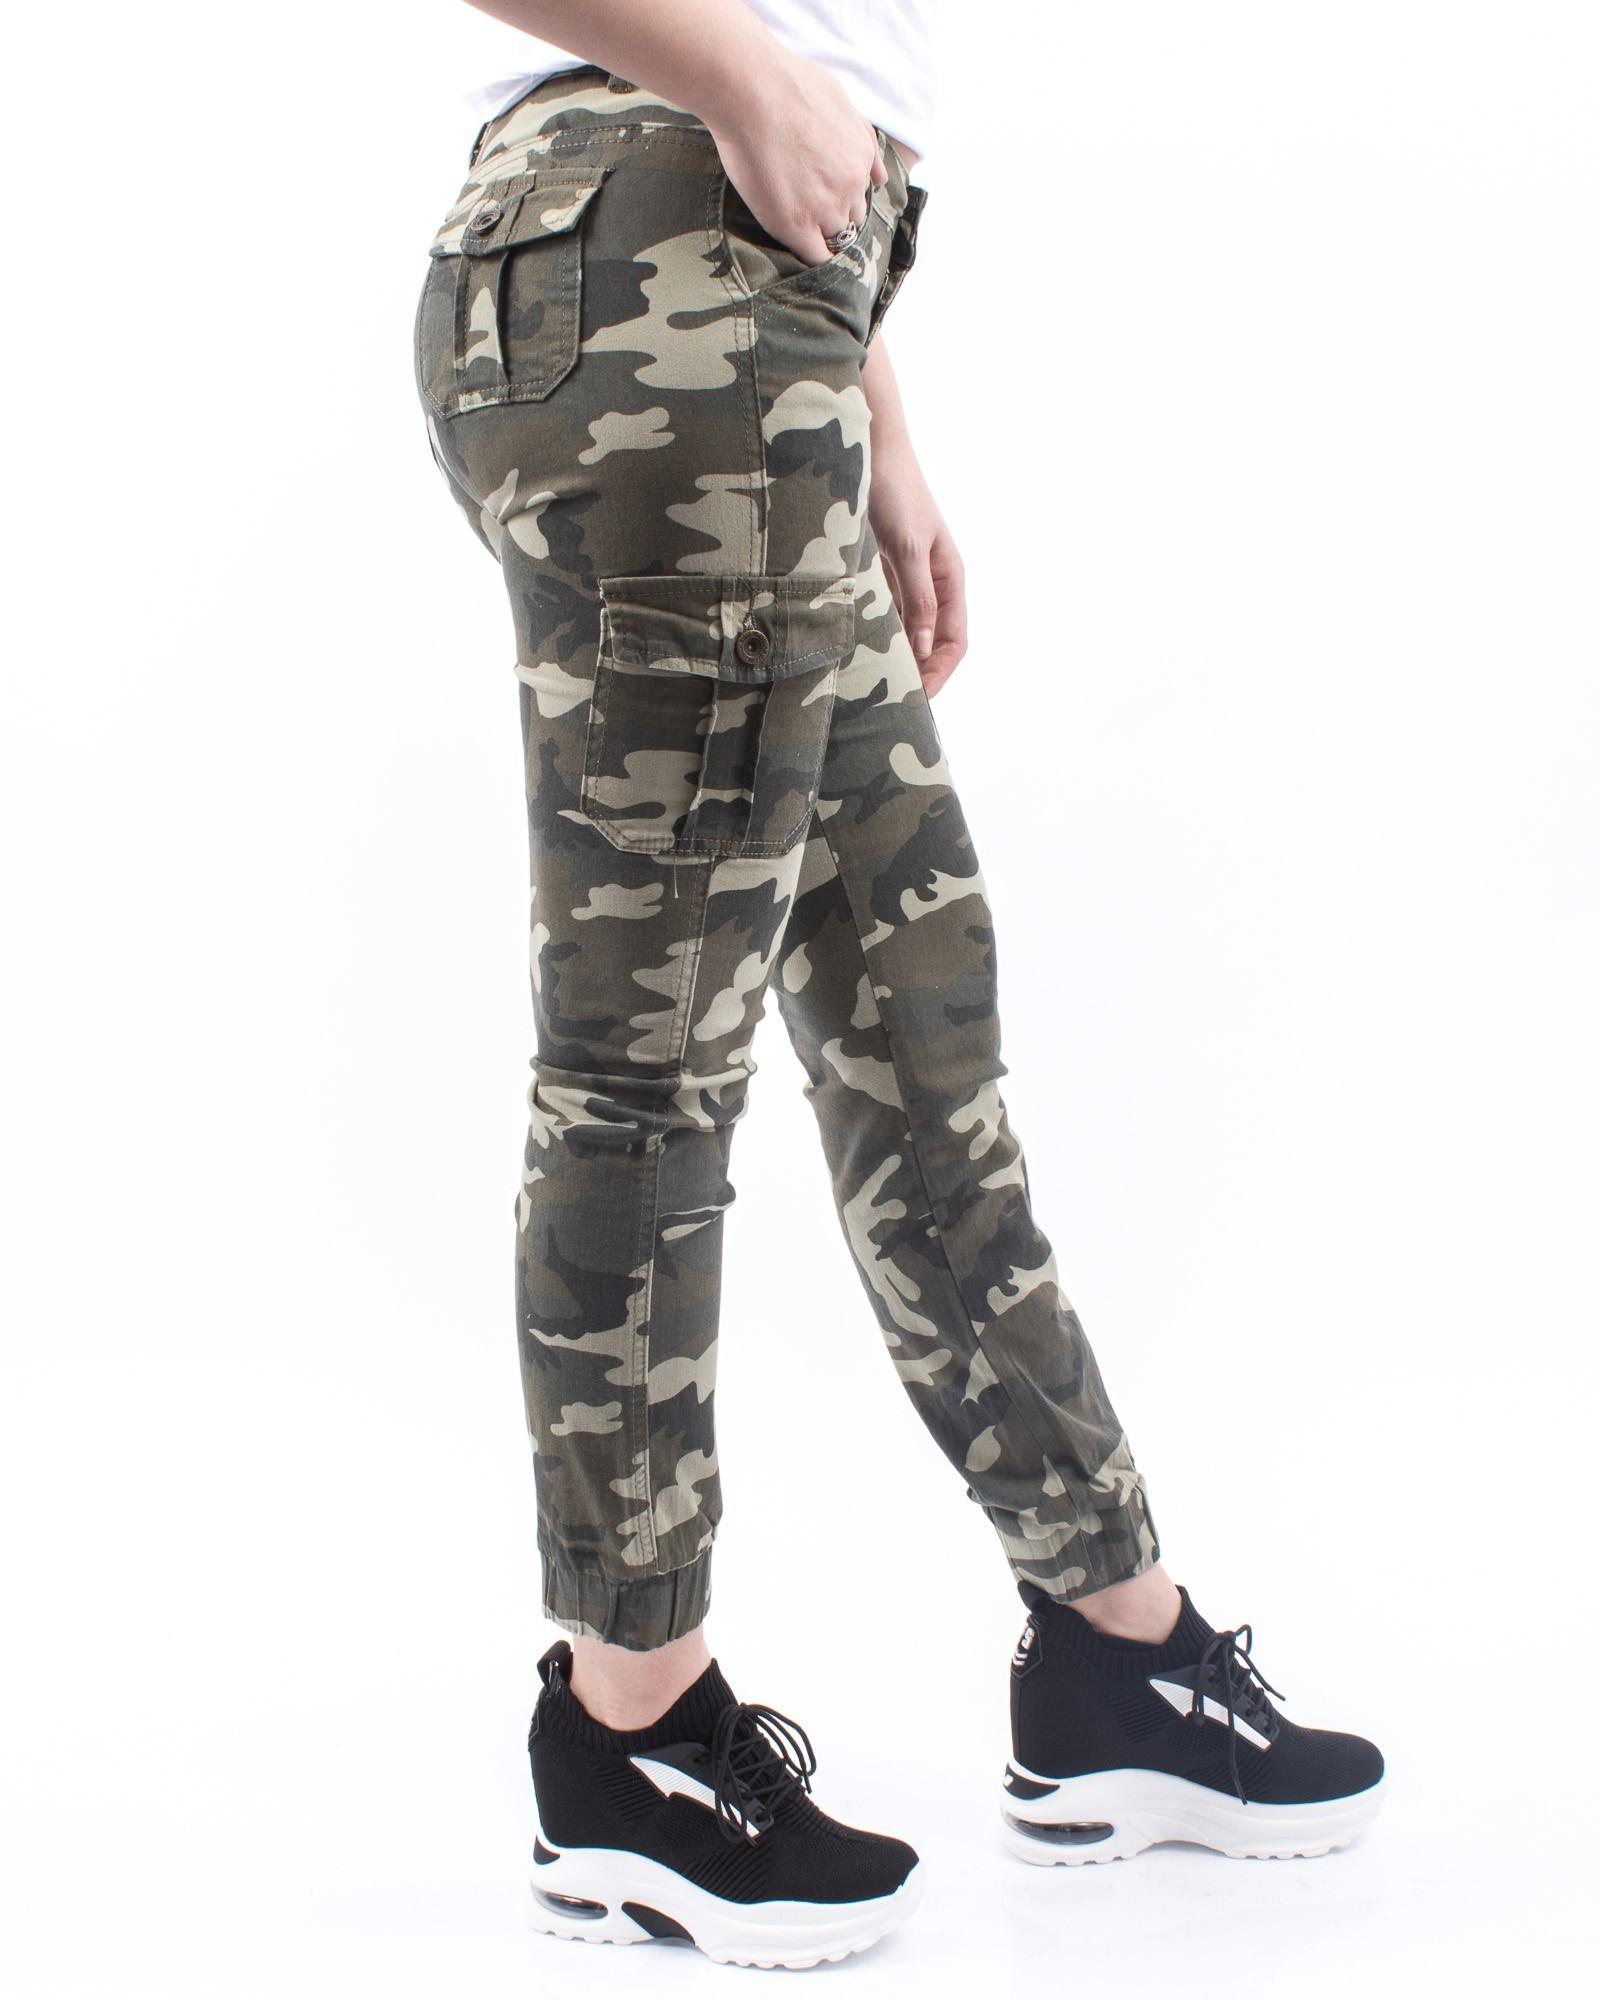 special pentru pantofi pantofi de toamnă cumpărare ieftin Pantaloni Dama HP8152 Verde-Army (208)